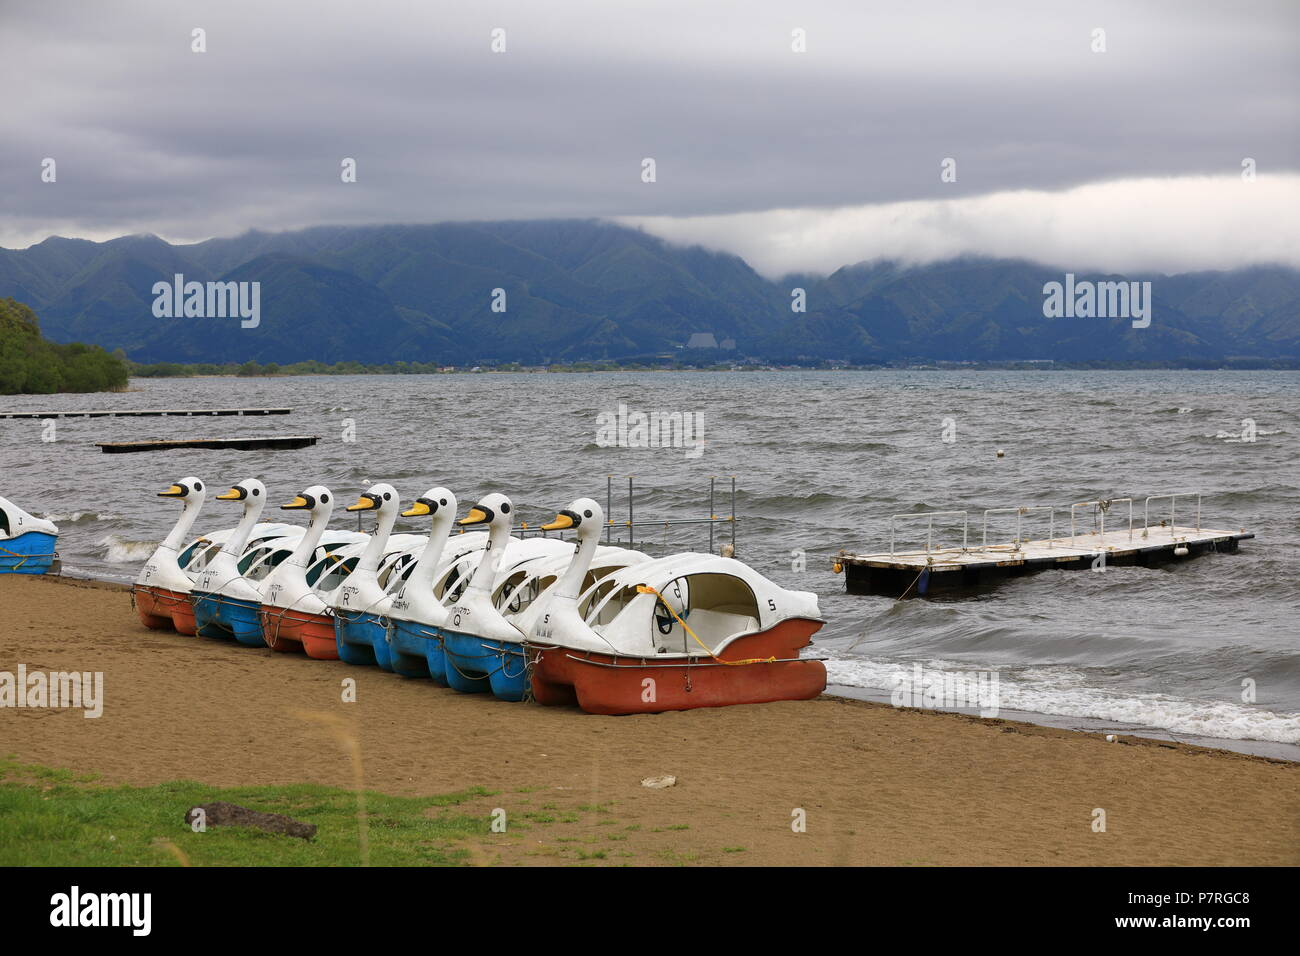 Bateau d'amarrer à quai dans une tempête de vent au lac Inawashiro. Photo Stock